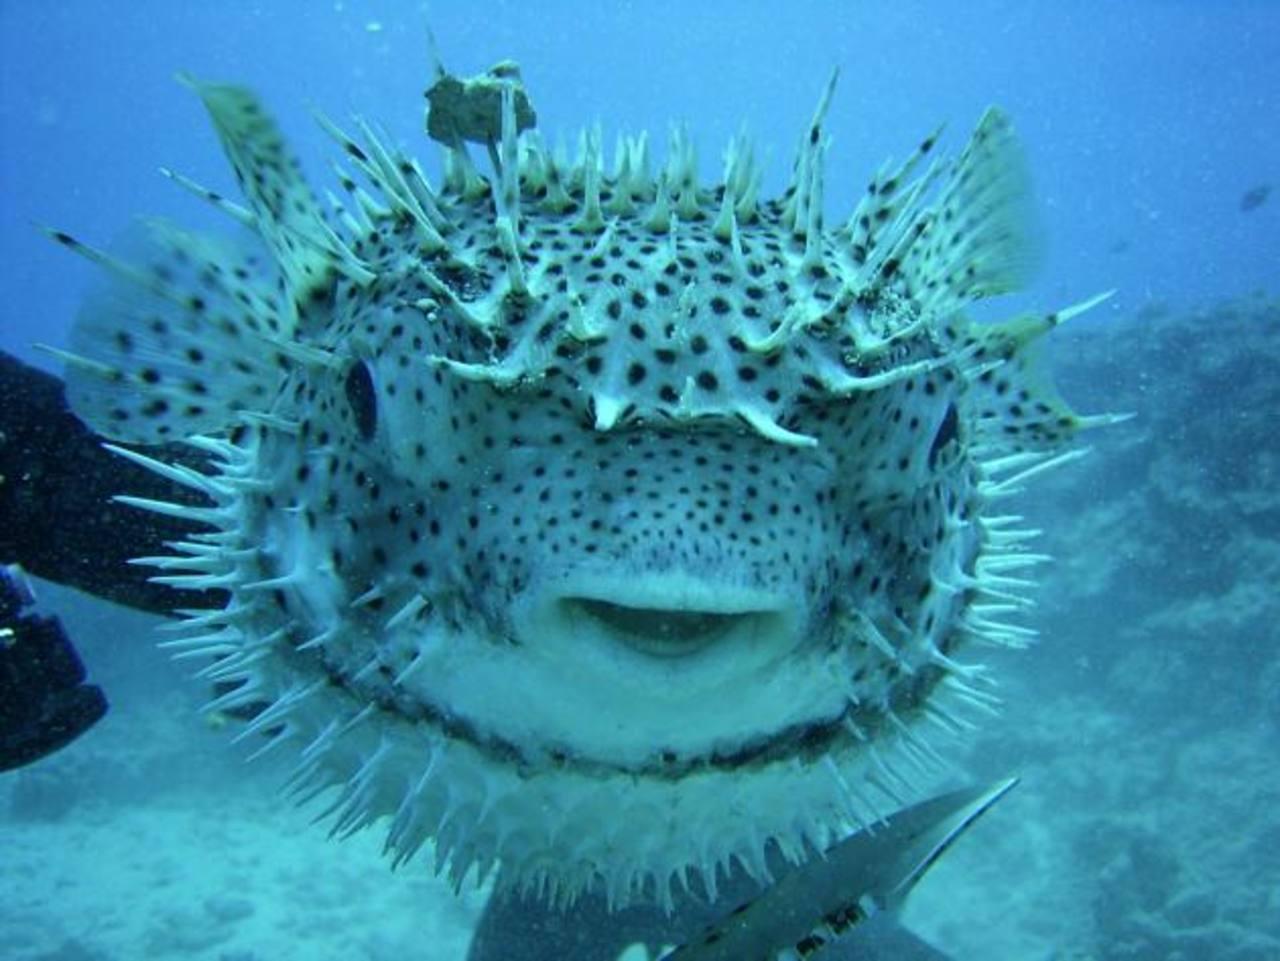 El pez globo de la China, una de las especies en peligro de extinción, según la nueva Lista Roja de la Unión Internacional para la Conservación de la Naturaleza (IUCN).